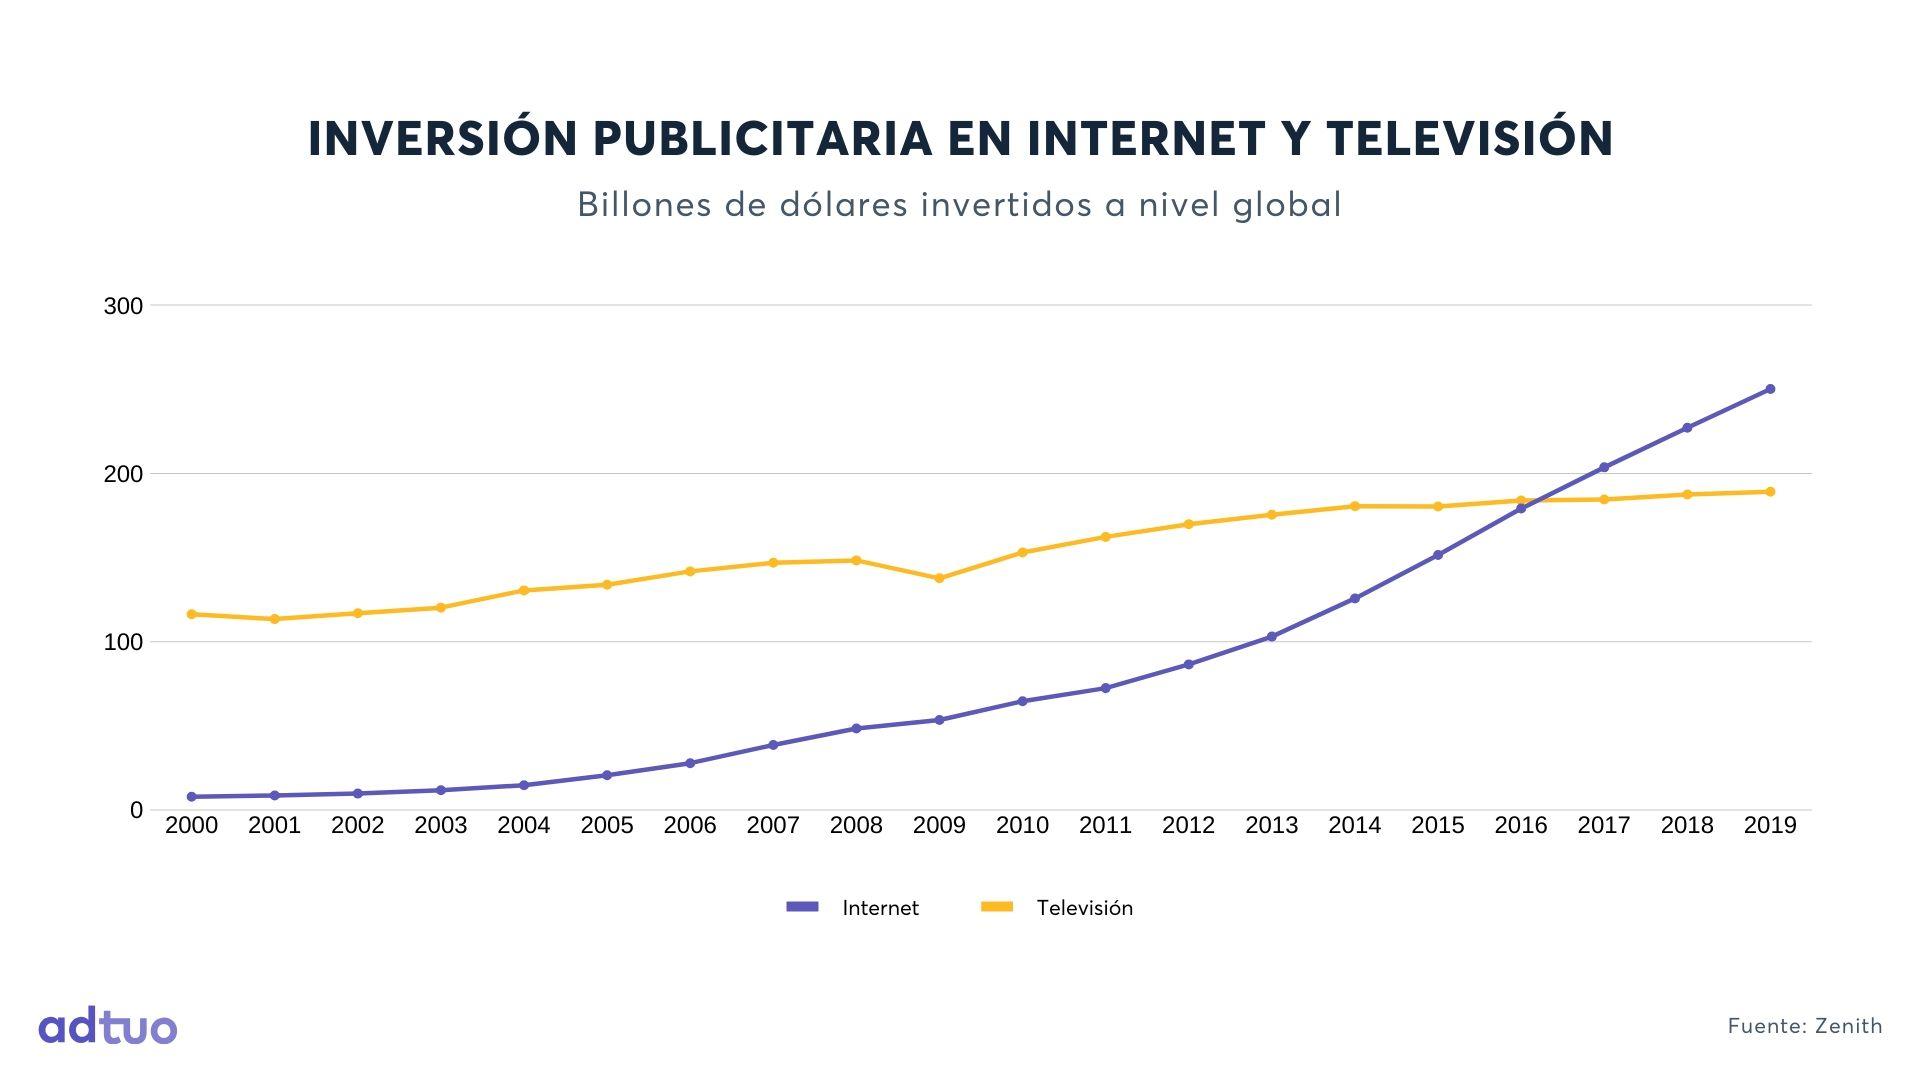 Inversión publicitaria en Internet vs TV